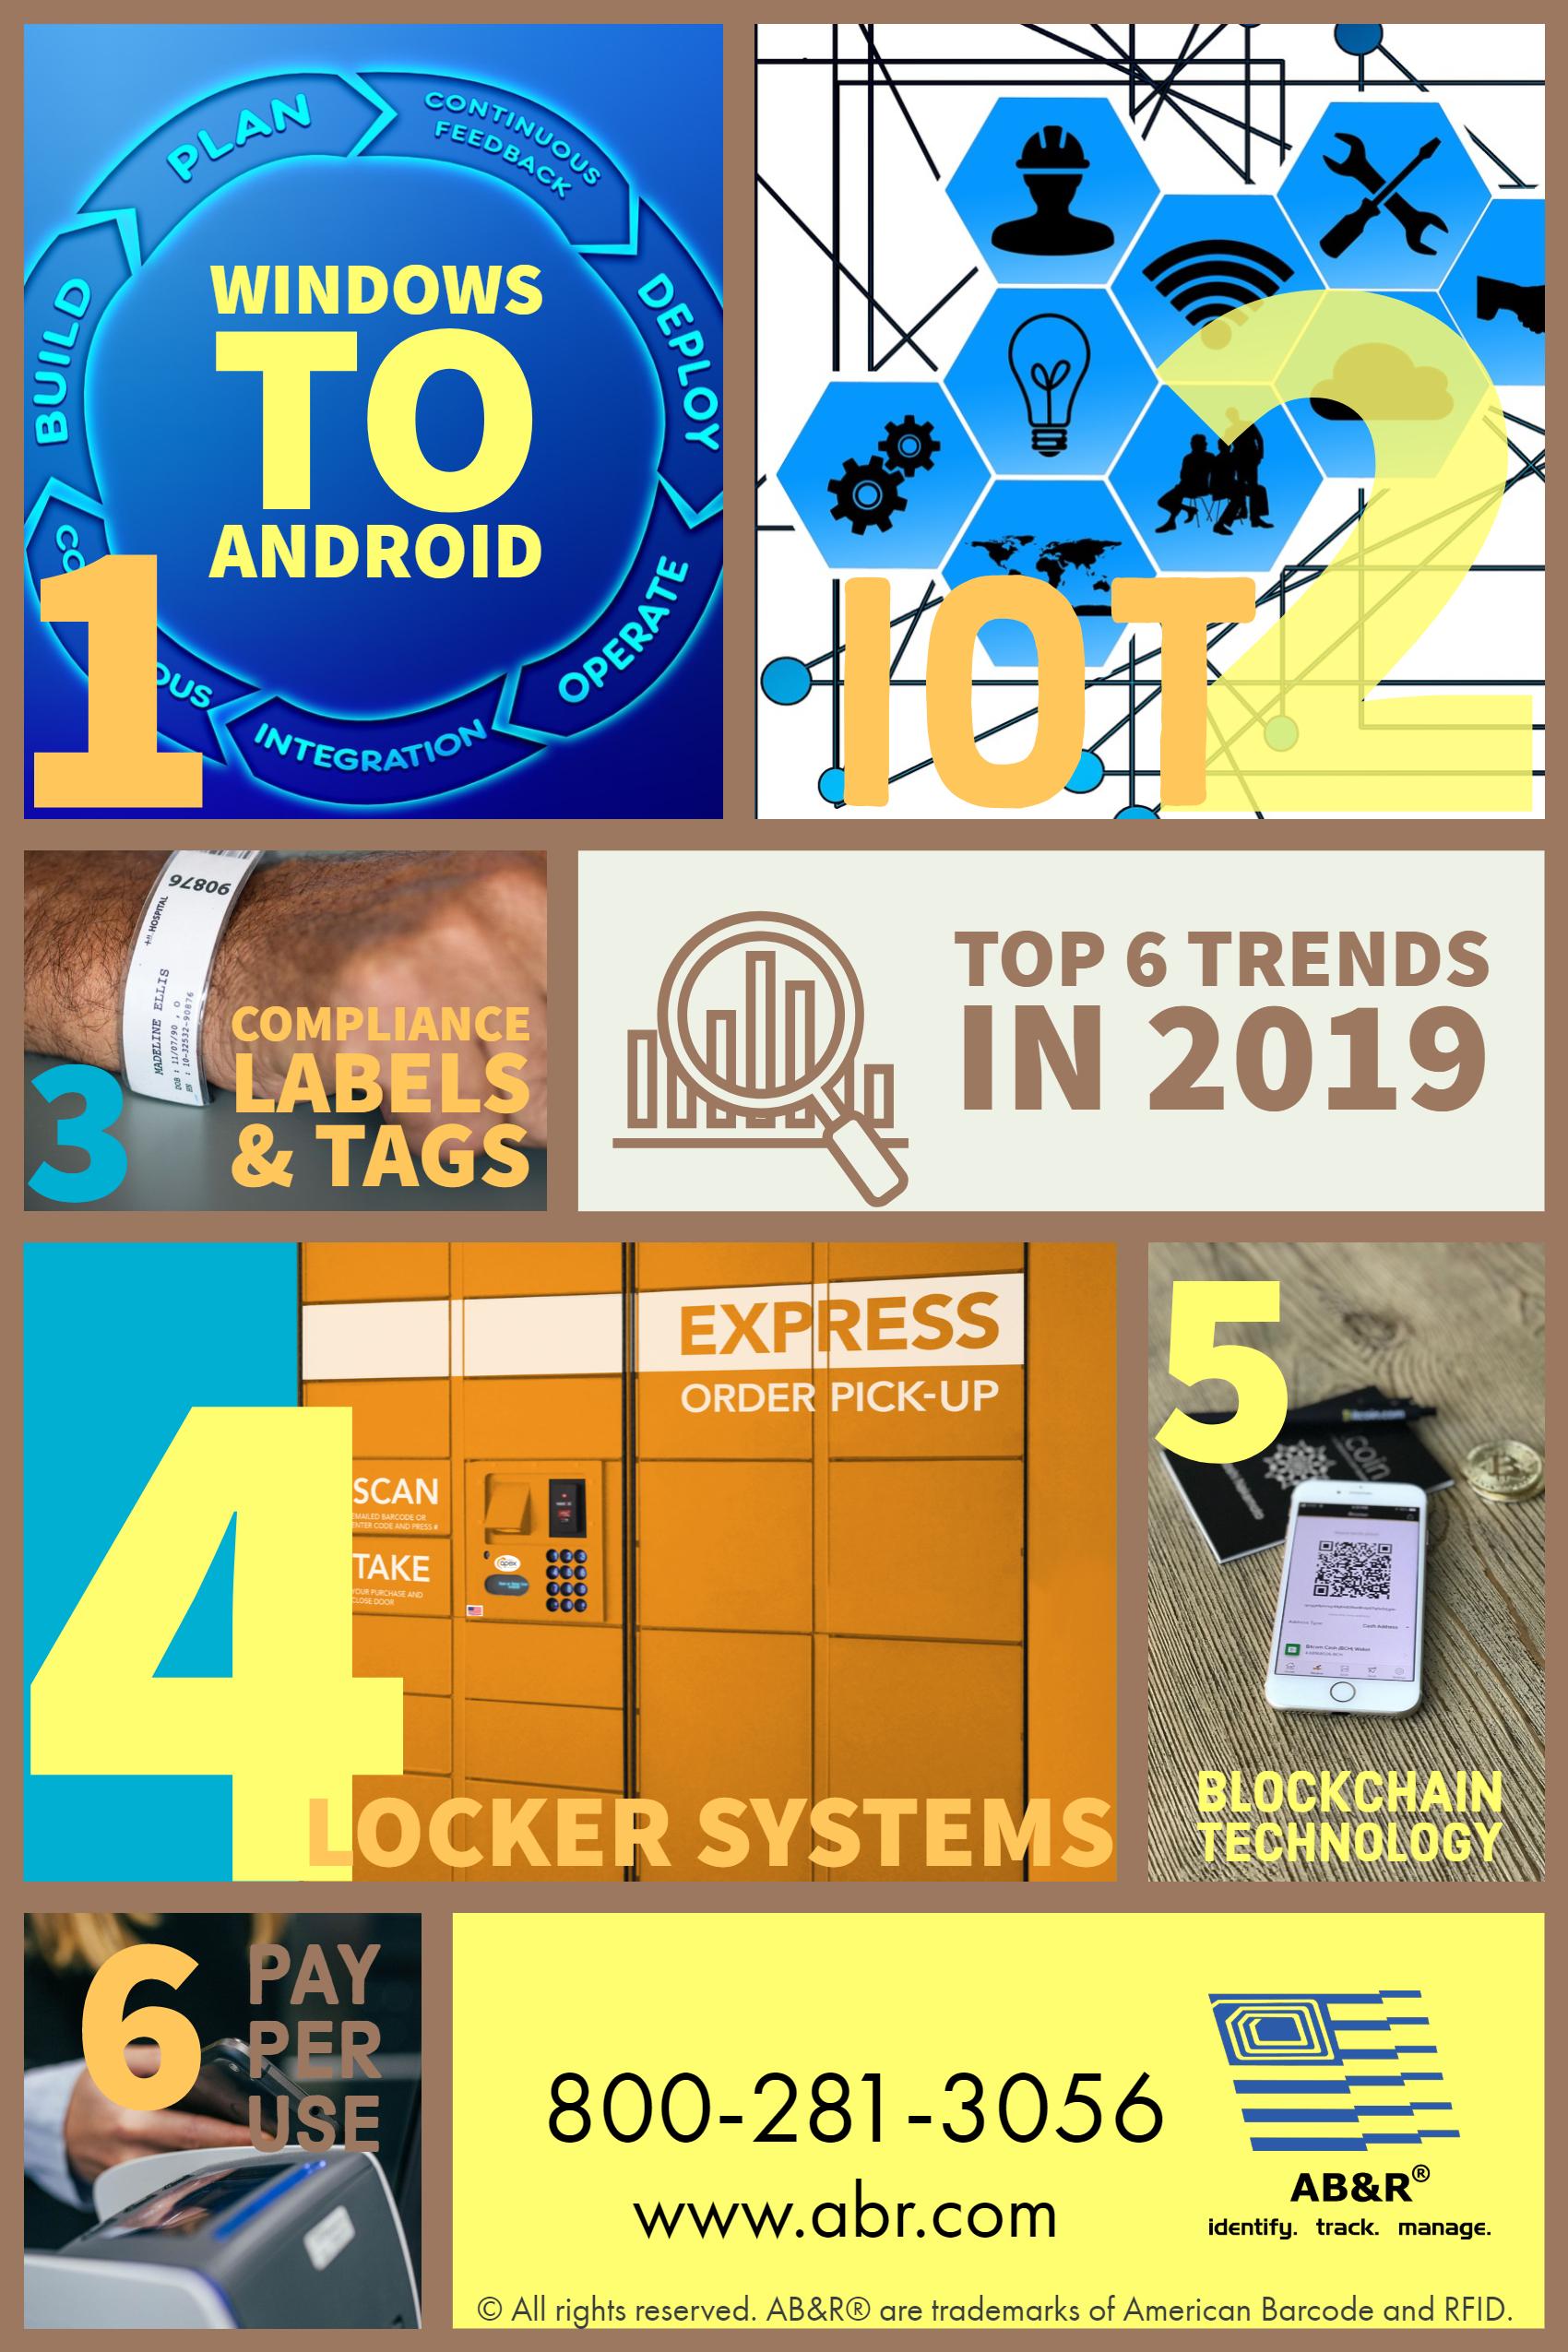 Top 6 Trends in 2019